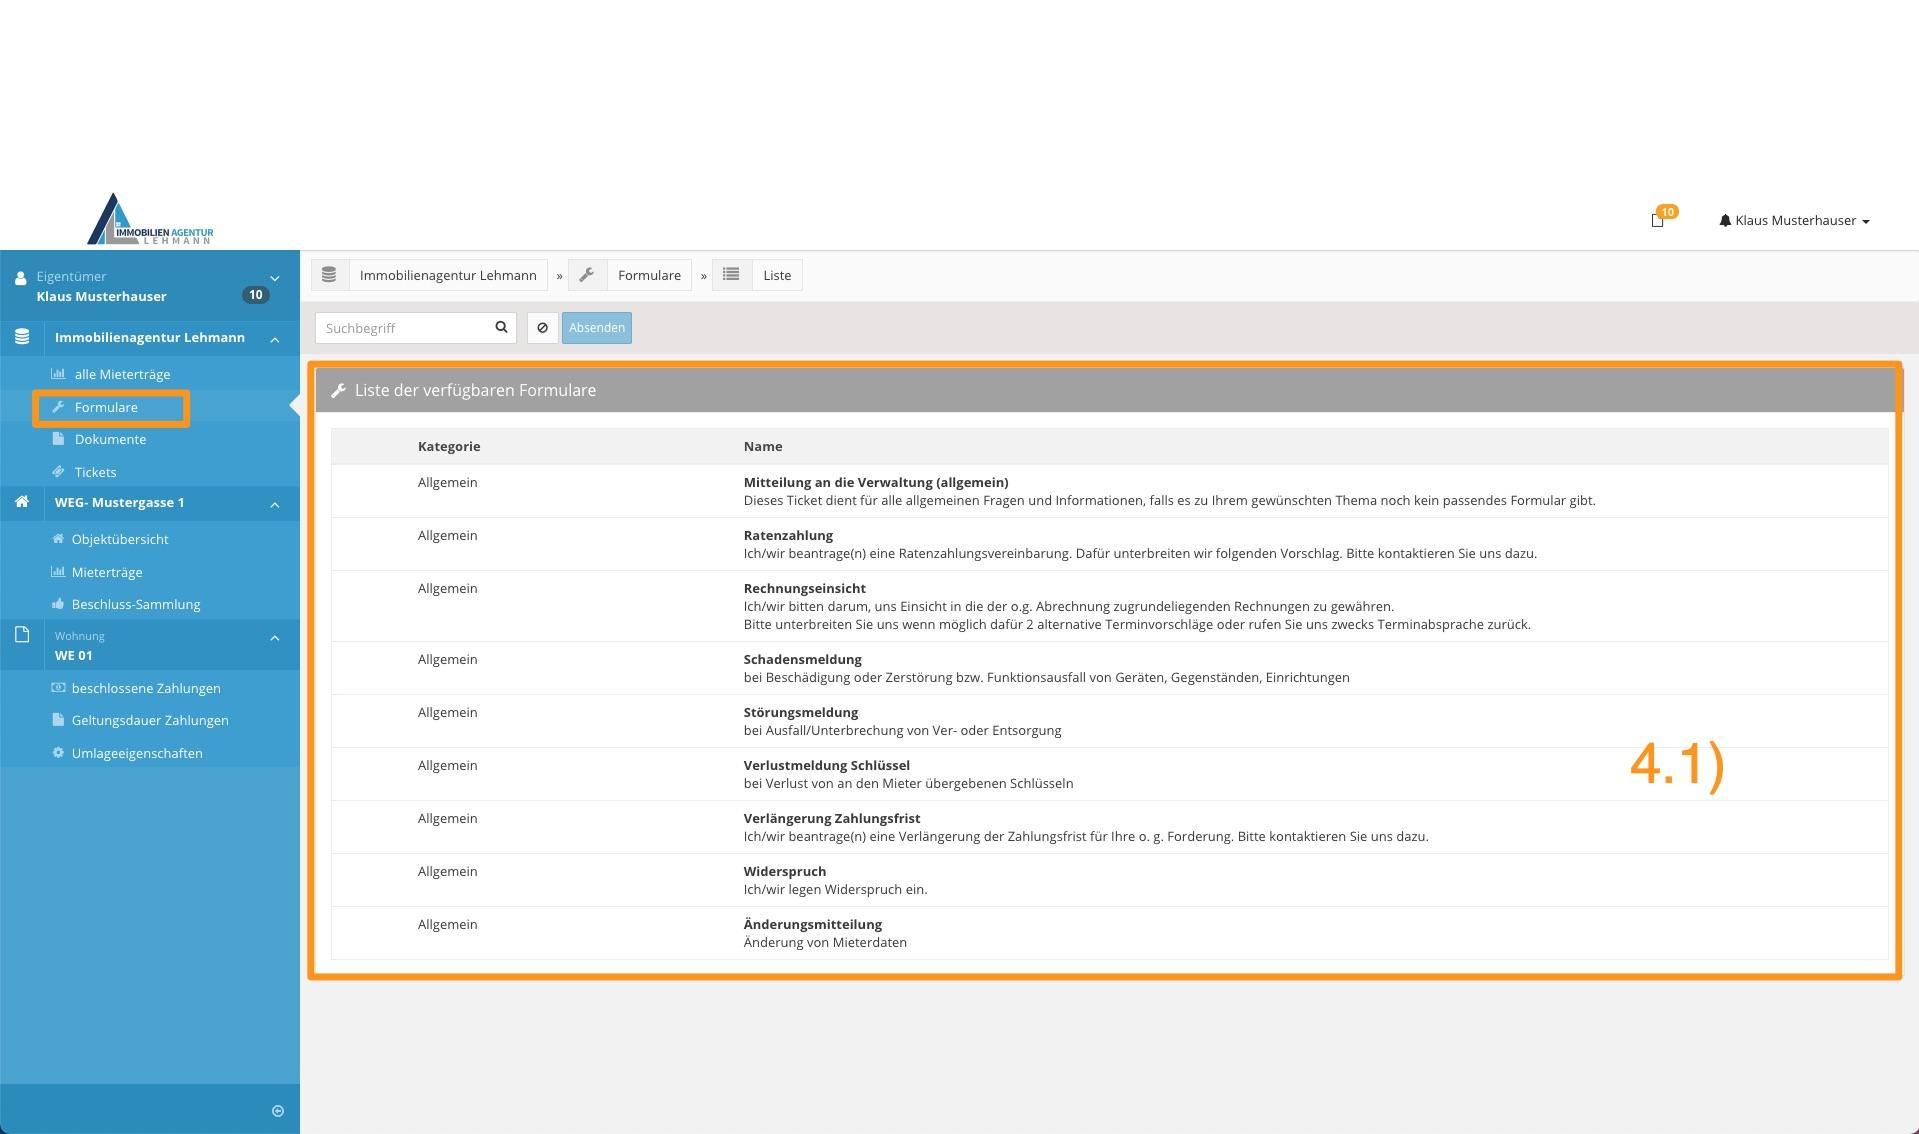 5. Erklärung Portal